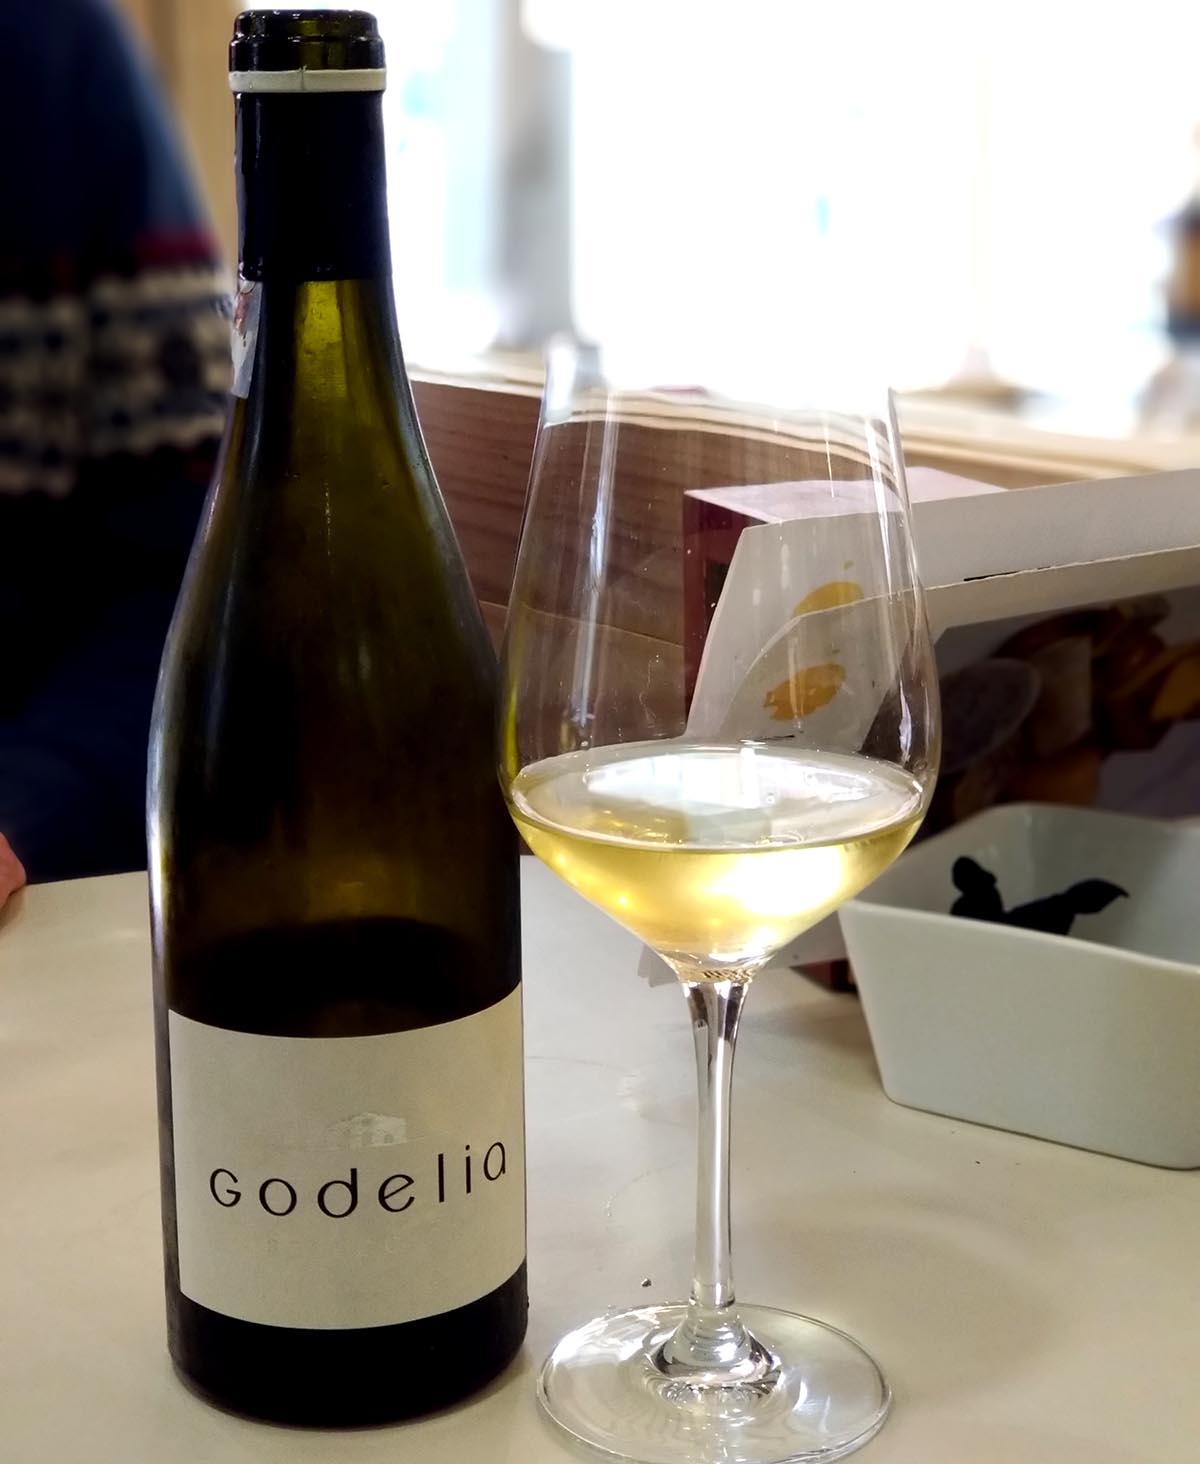 Godelia Selección Godello